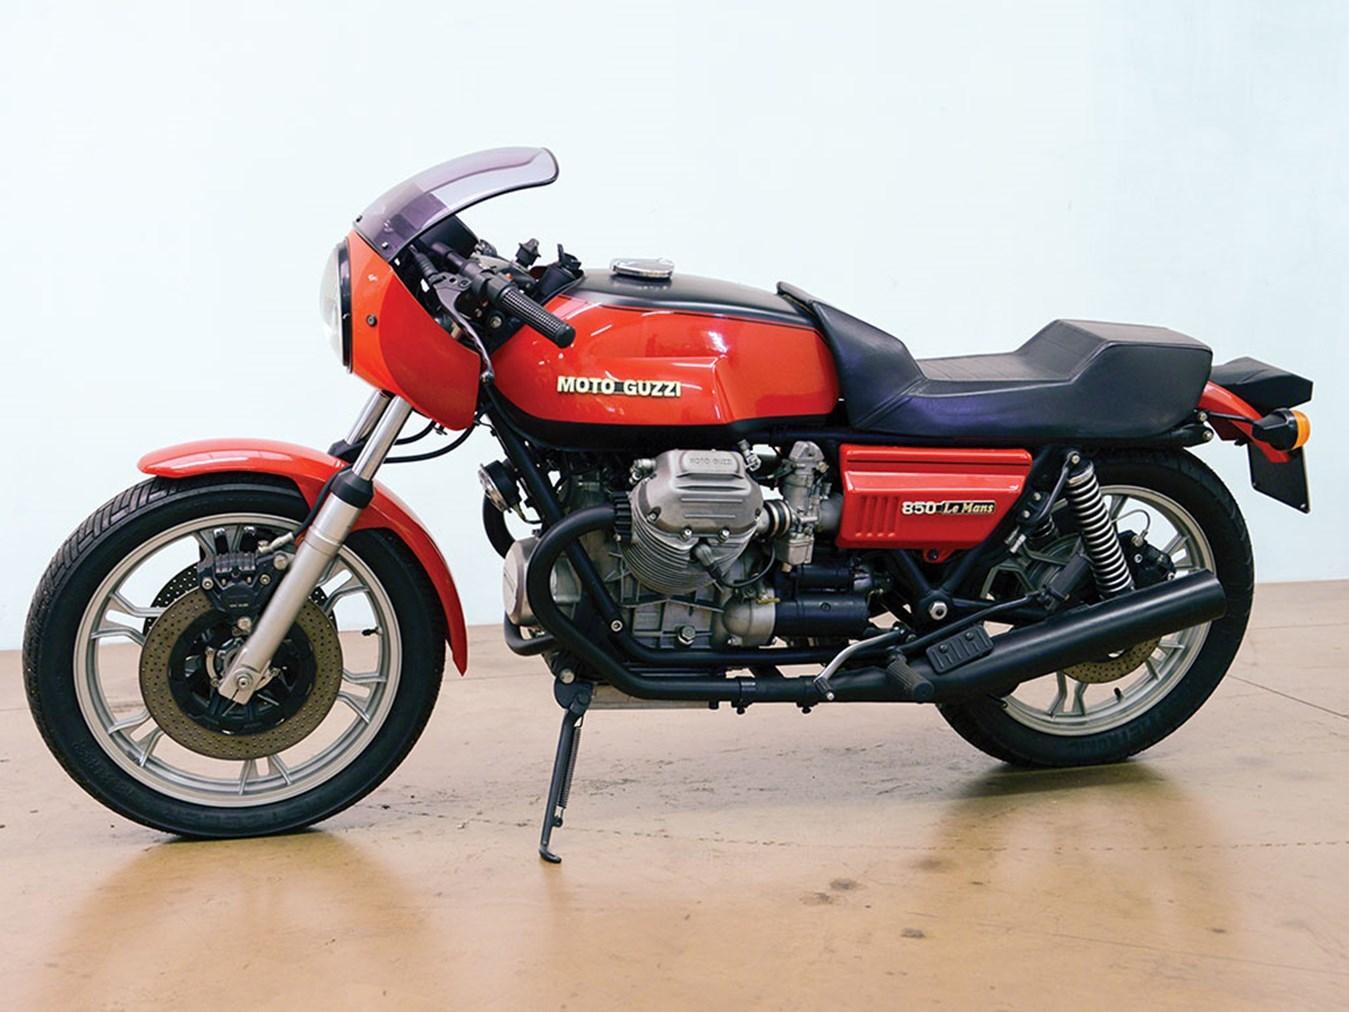 Moto del día: Moto Guzzi Le Mans 850